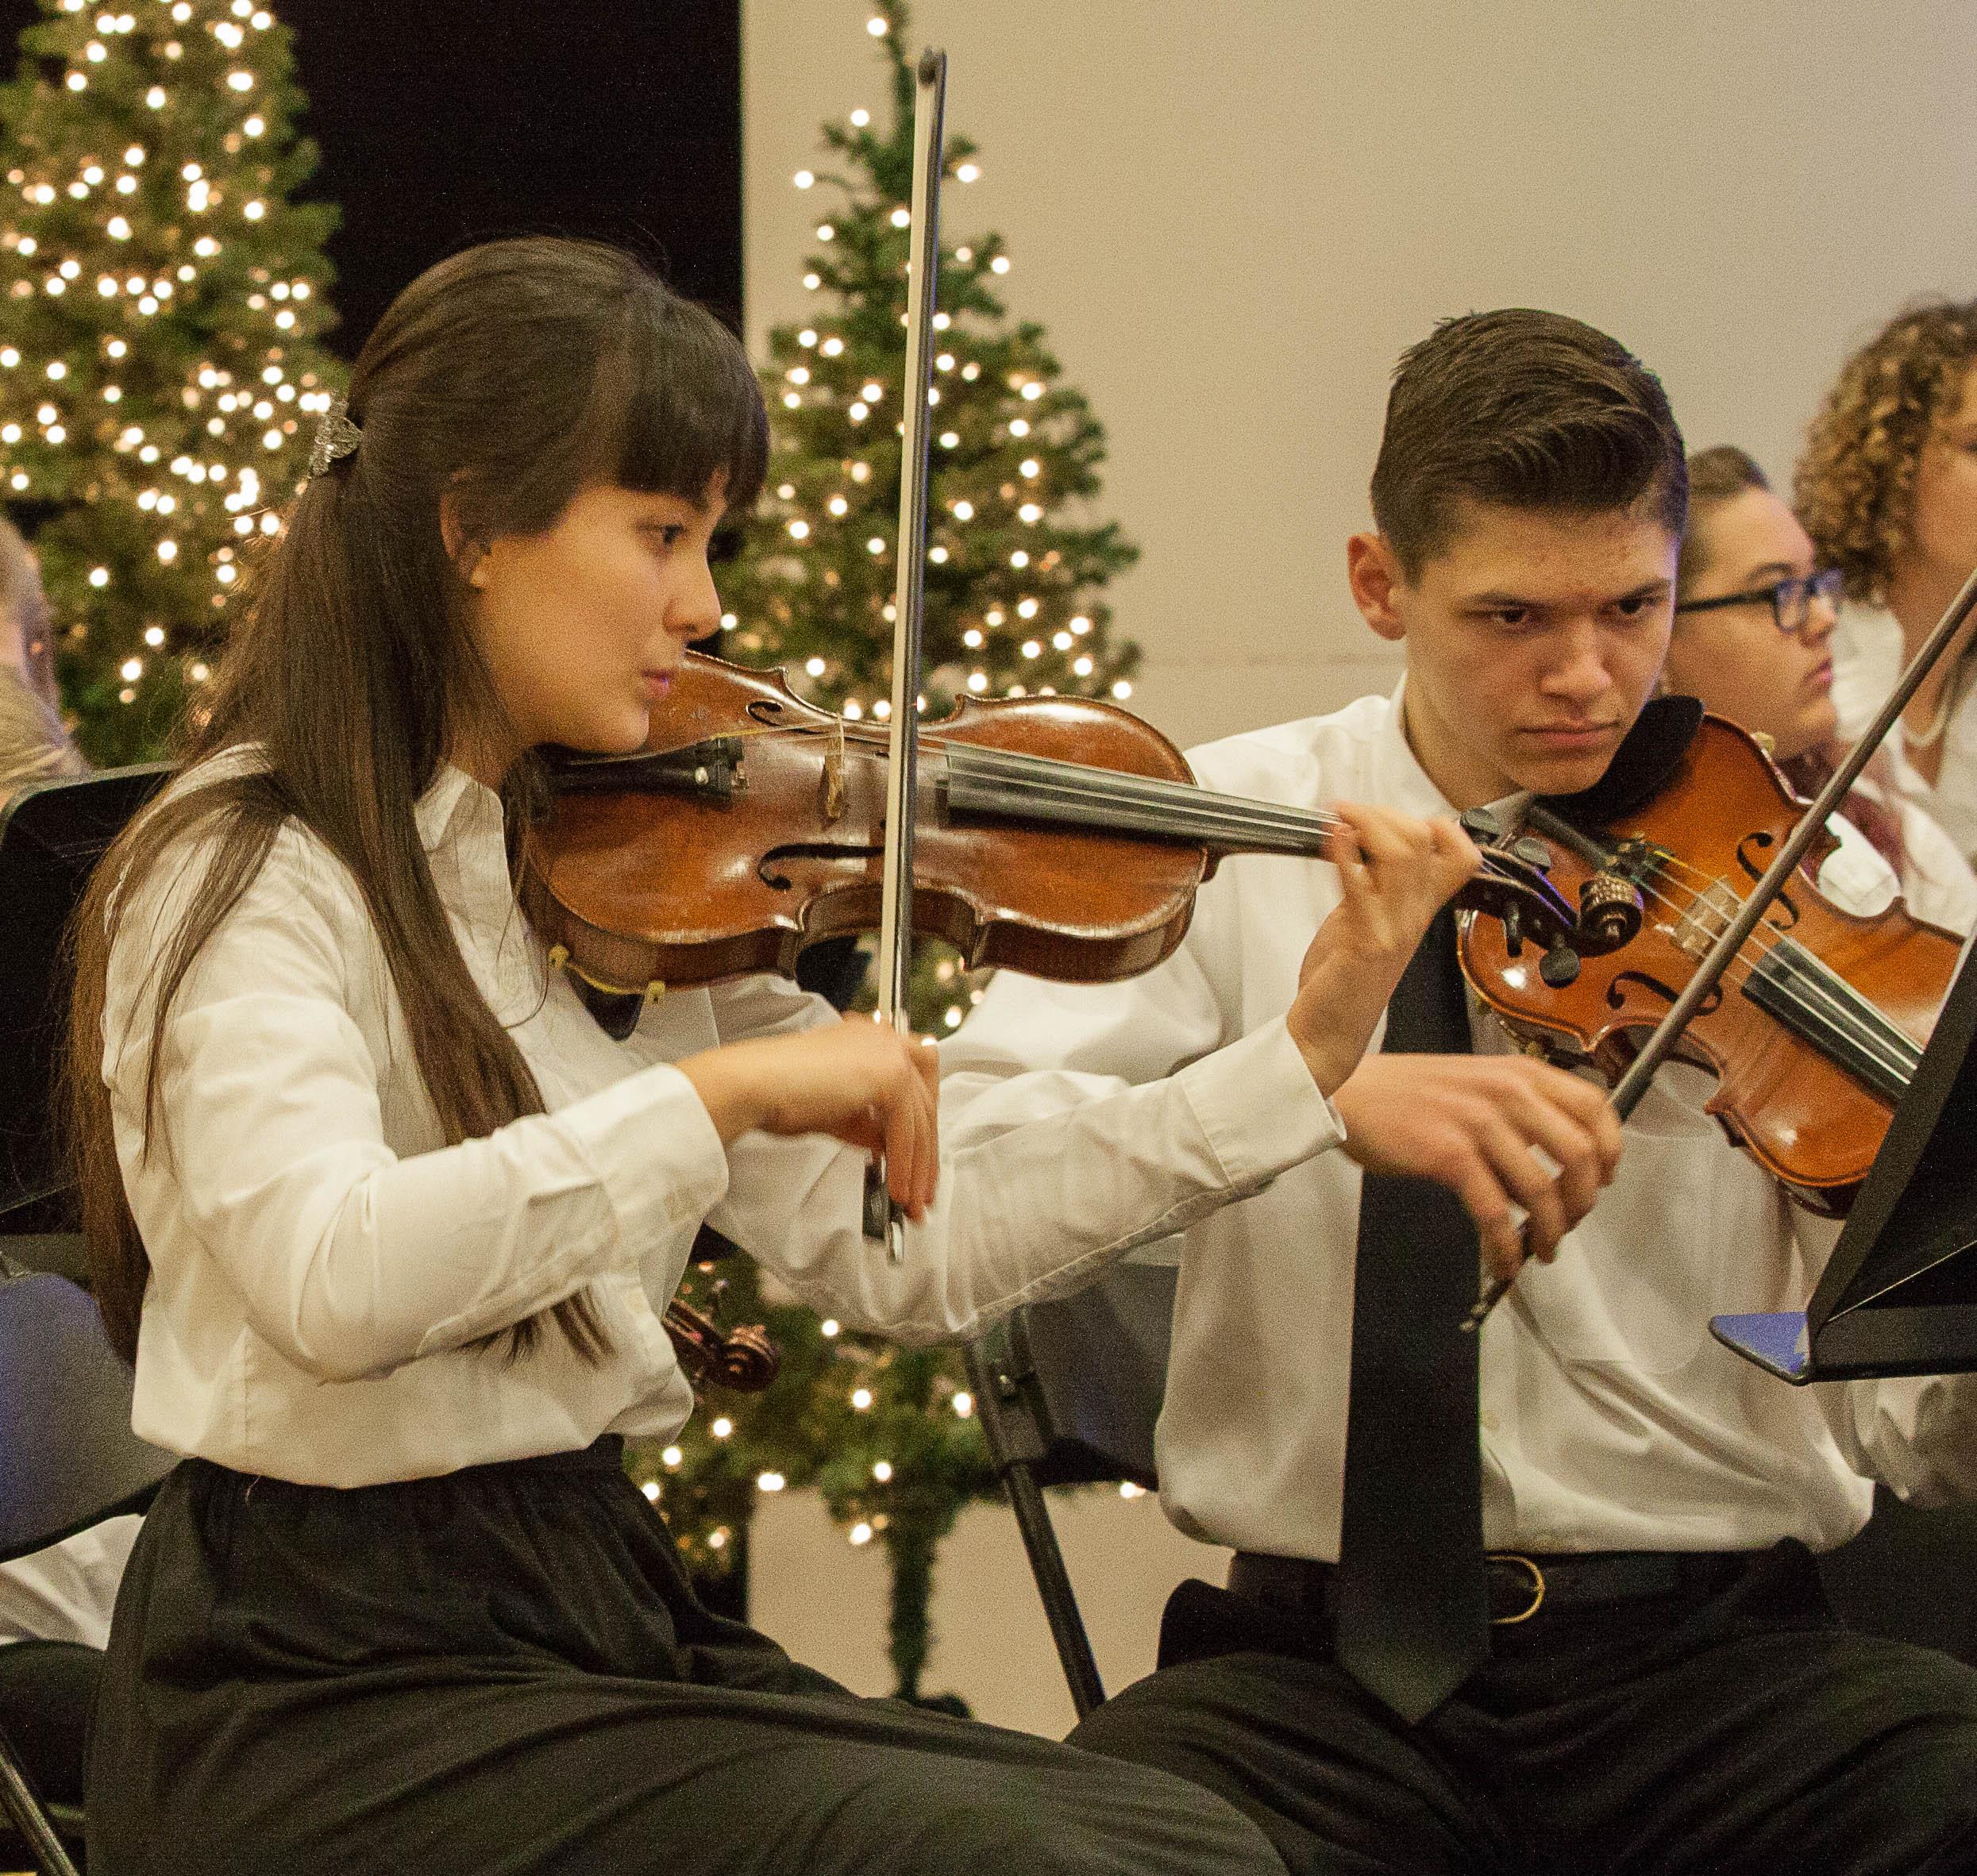 YMA Orchestra Two Violist